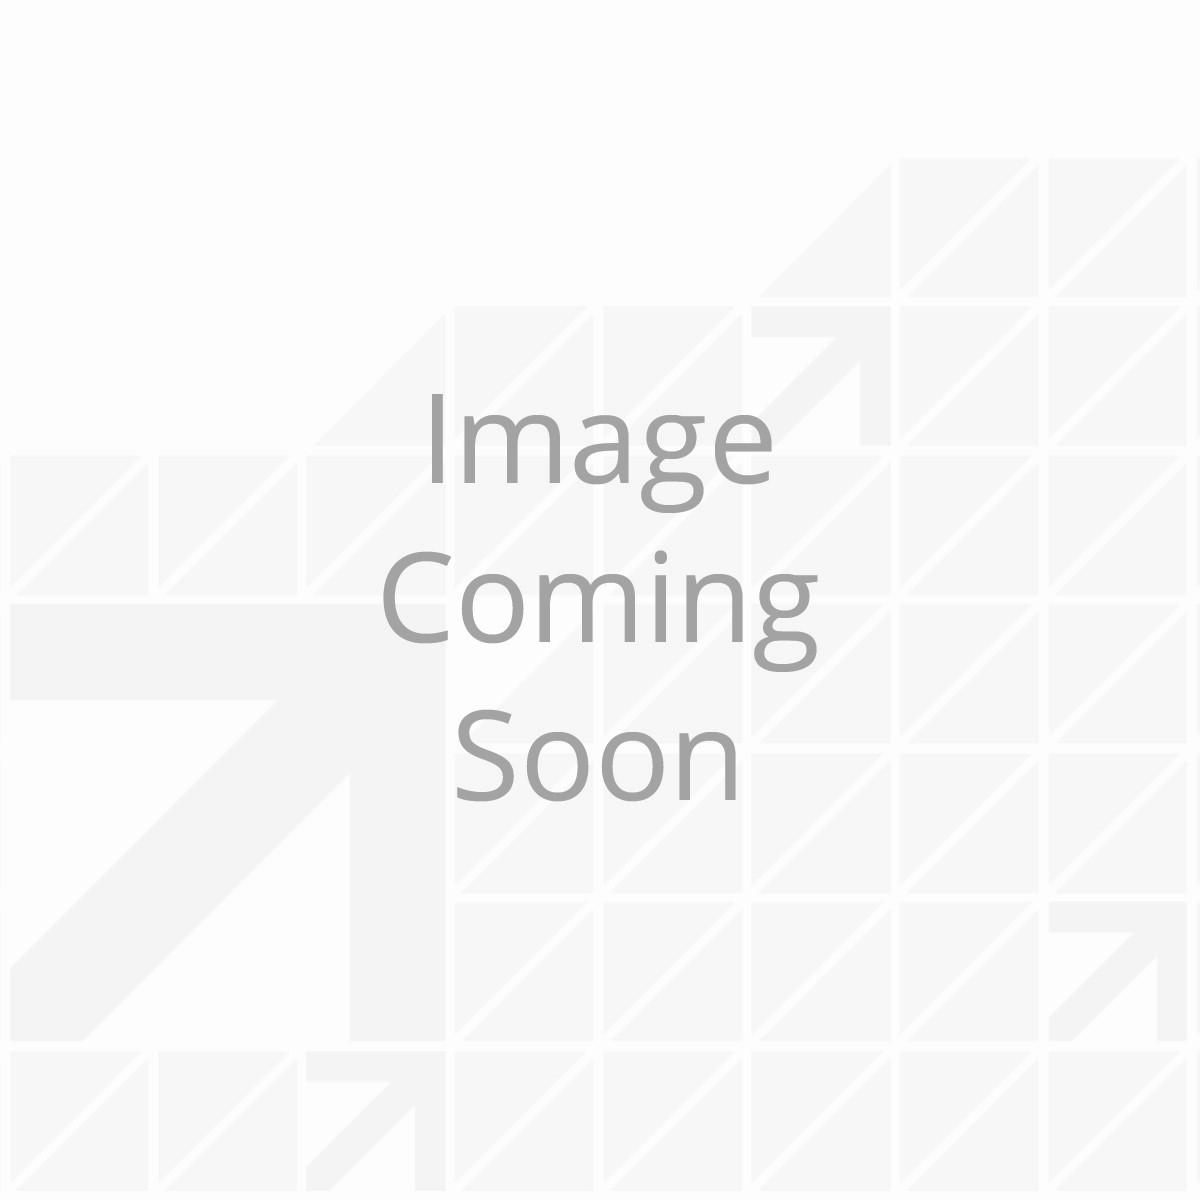 Rear Camera (CMOS)